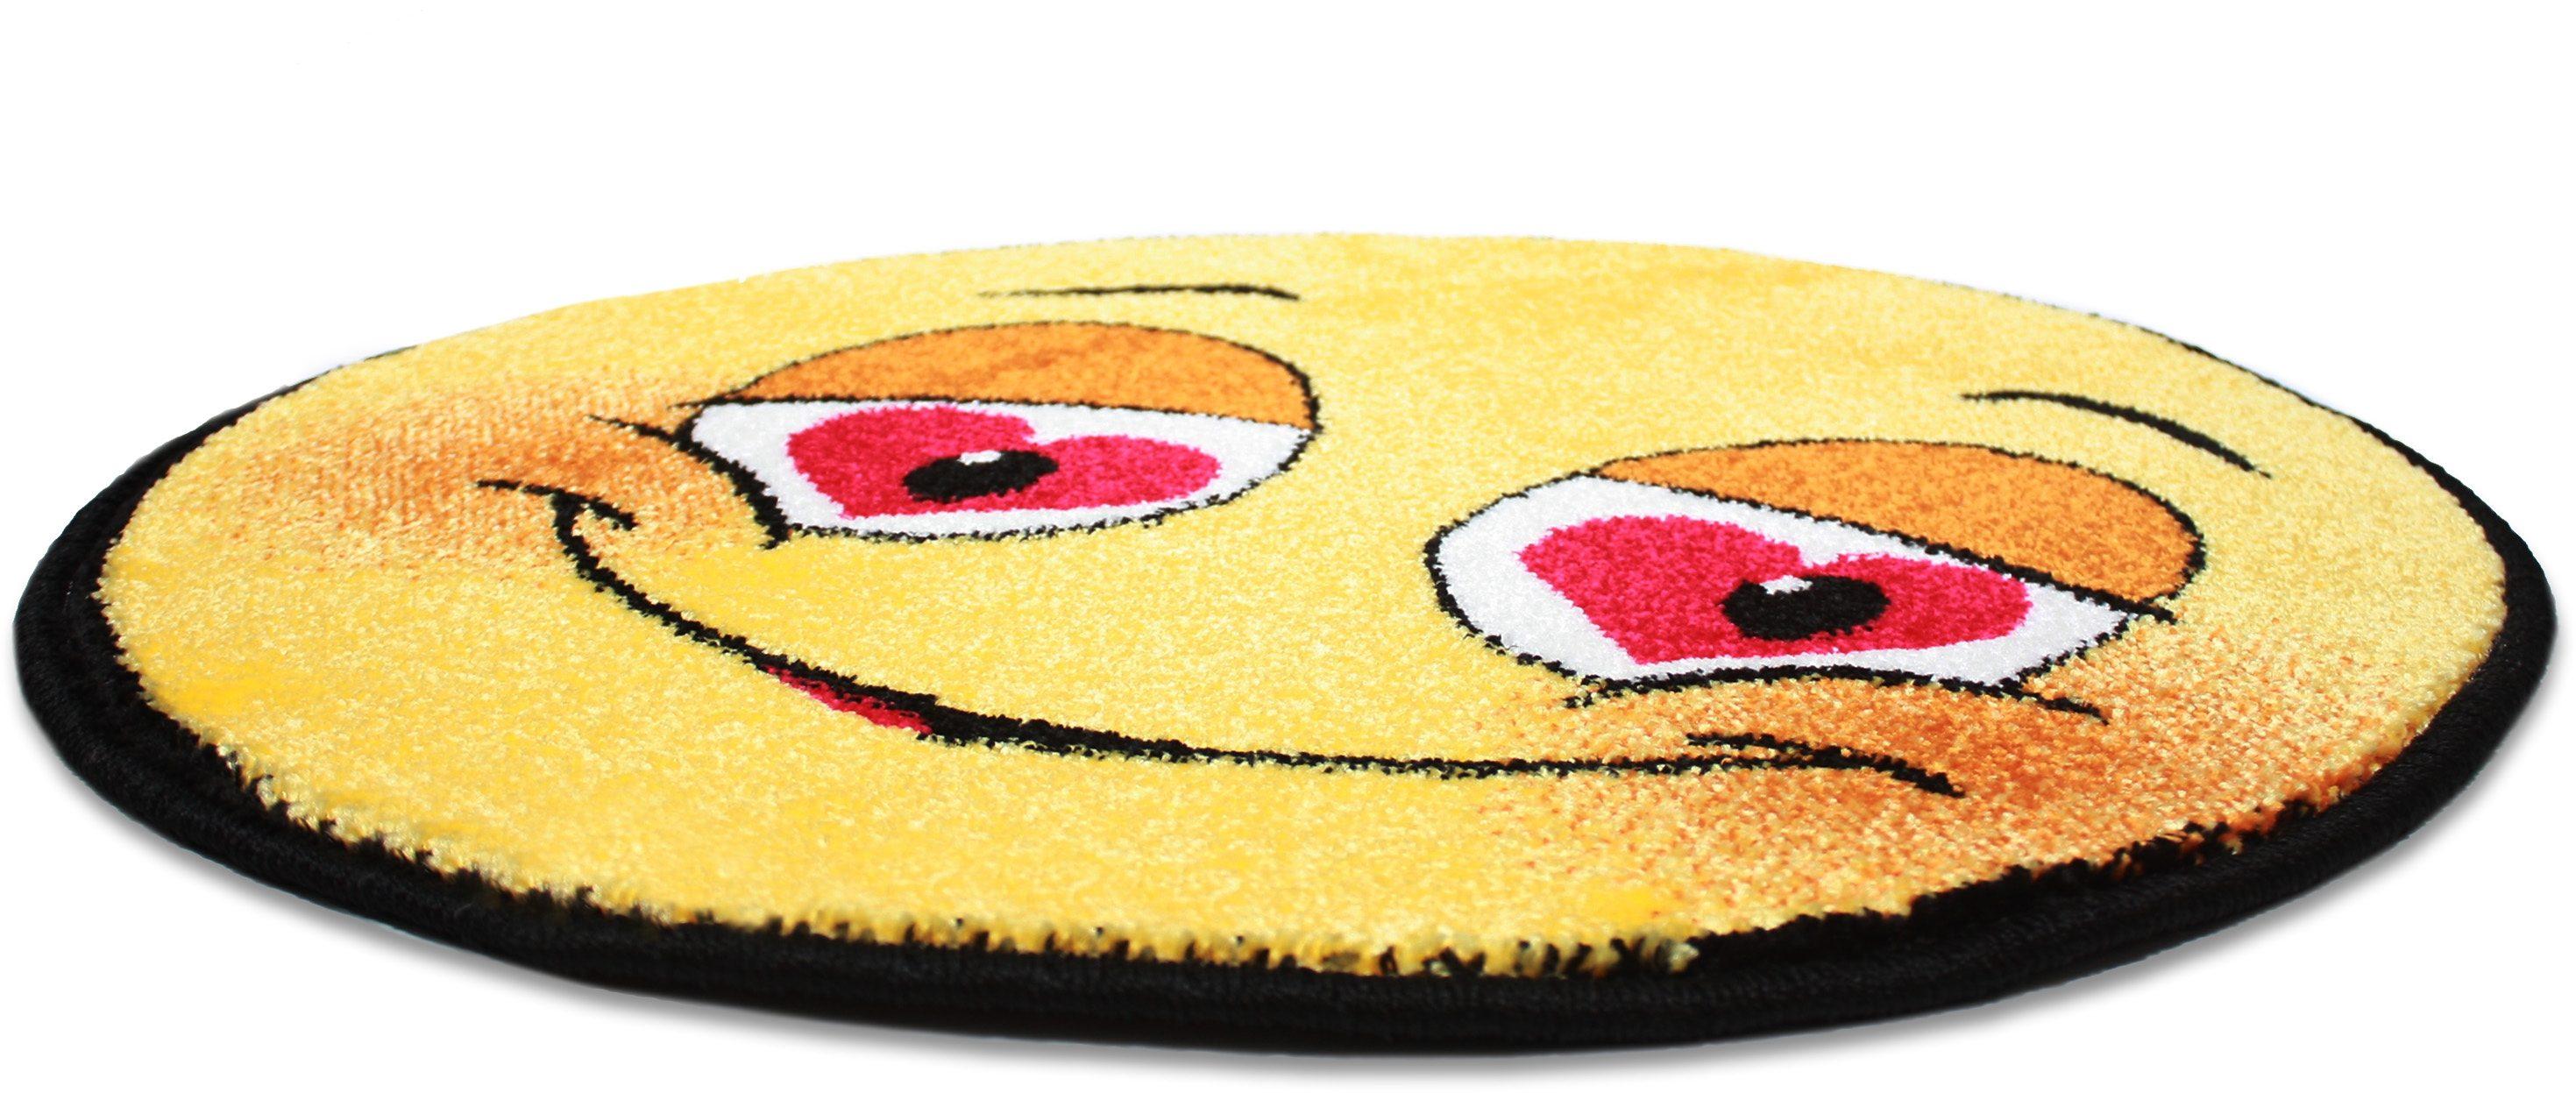 Teppich »Kolibri 11082«, Trend Teppiche, rund, Höhe 11 mm, Smiley Design